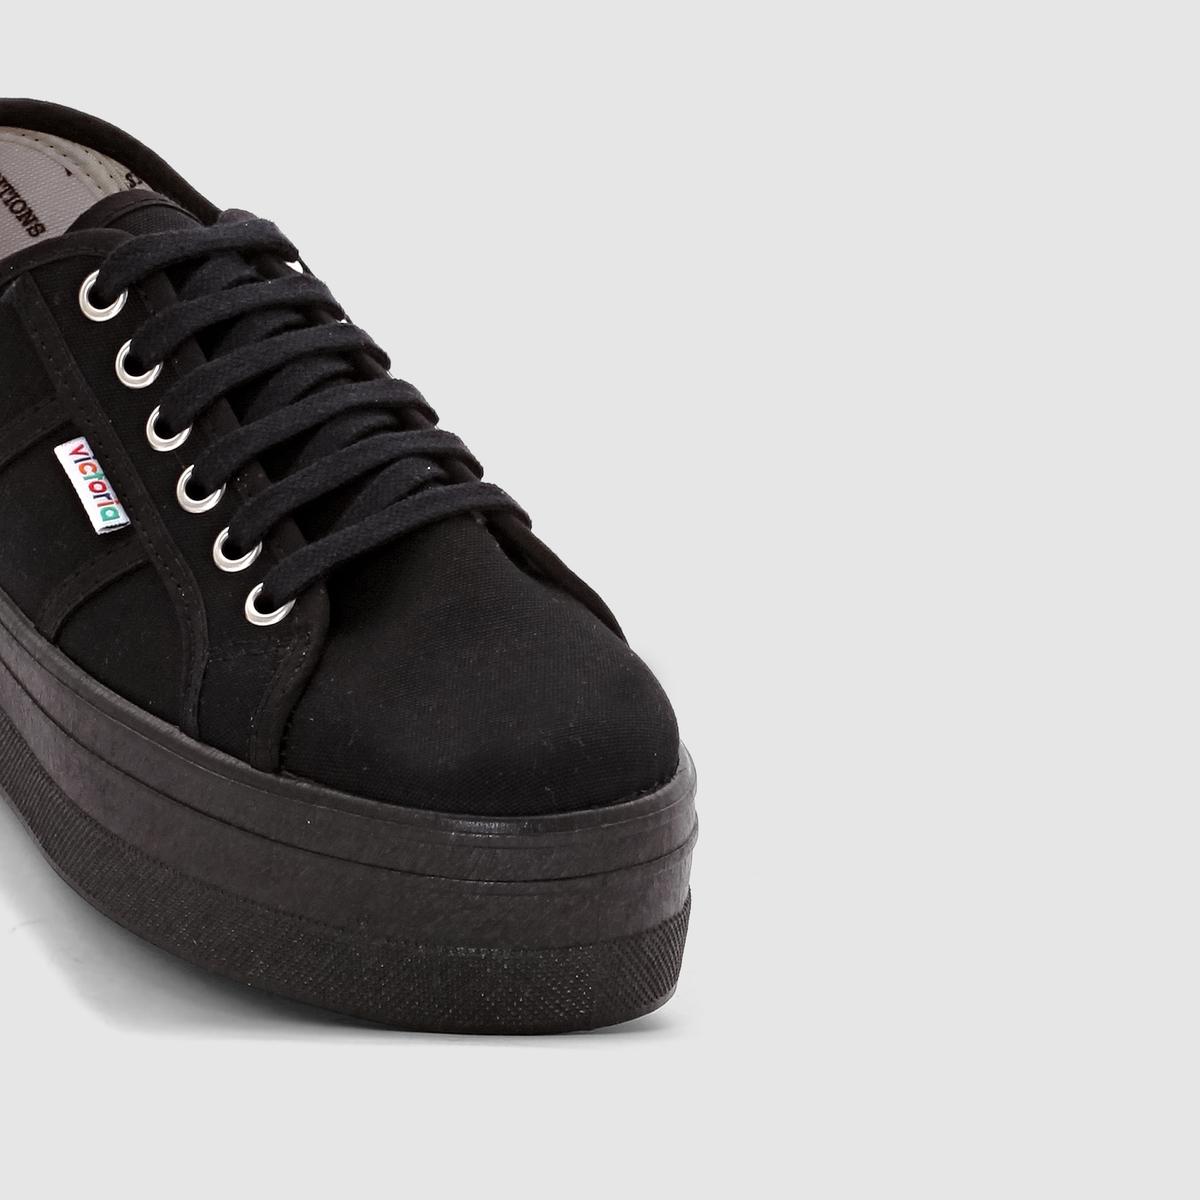 - Sneakers Victoria BLUCHER LONA PLATAFORMA NE